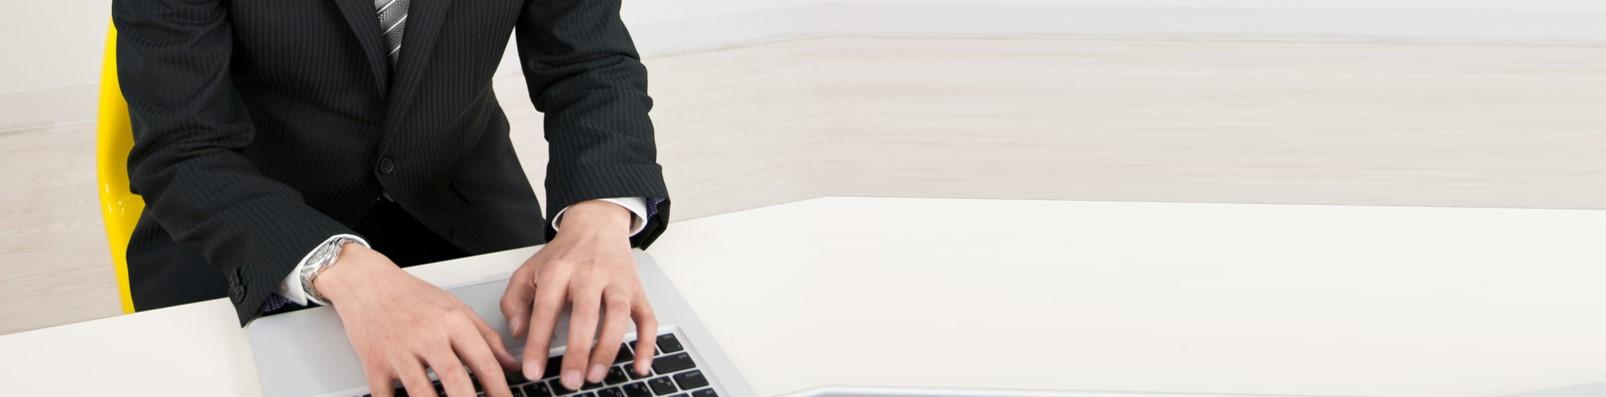 職場の腰痛予防体操~腰痛予防にはオフィスでお腹を伸ばす?のコラムです。